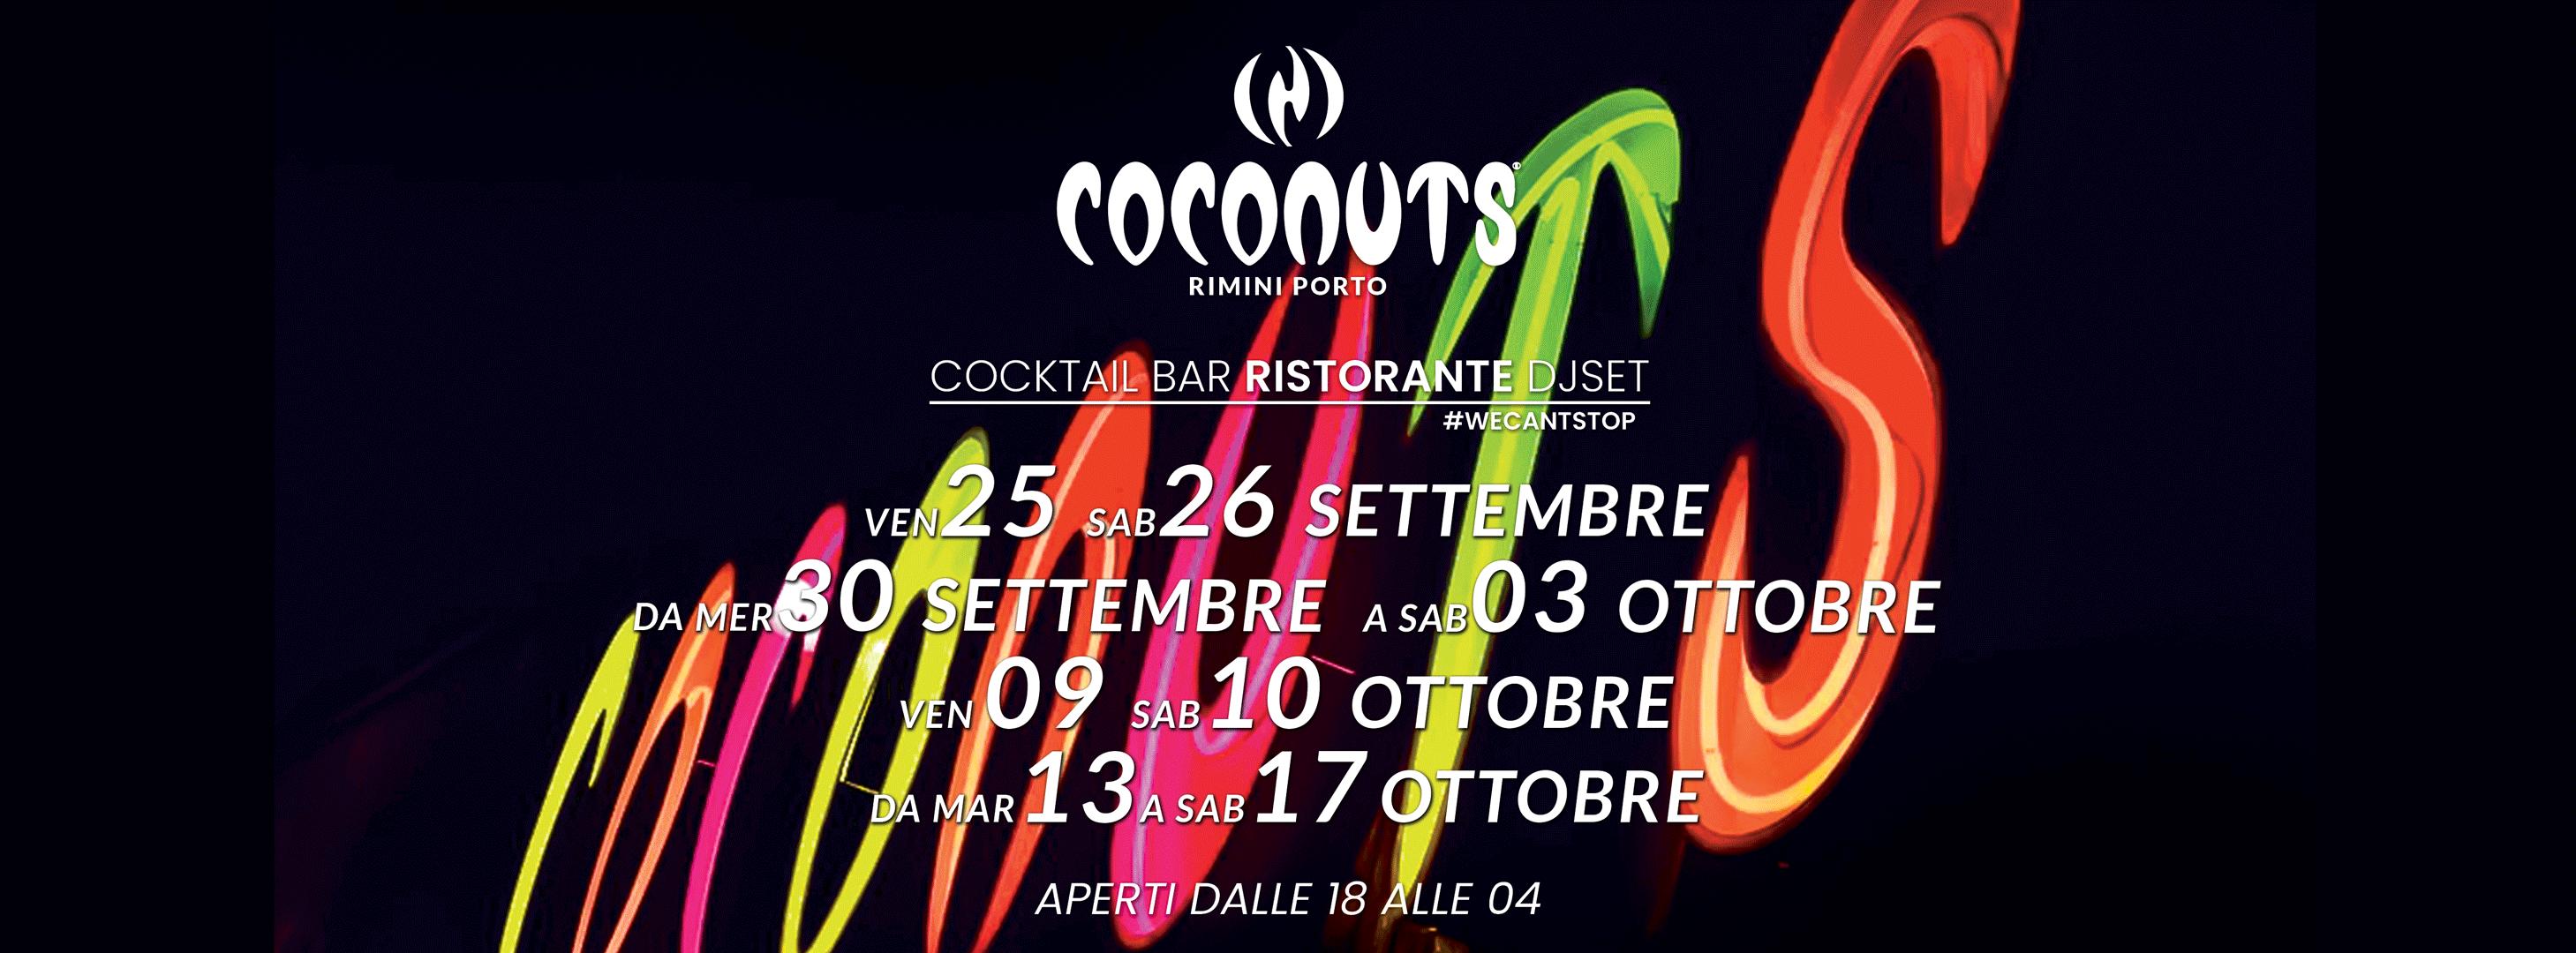 Coconuts Discoteca Rimini, ristorante, disco bar e musica